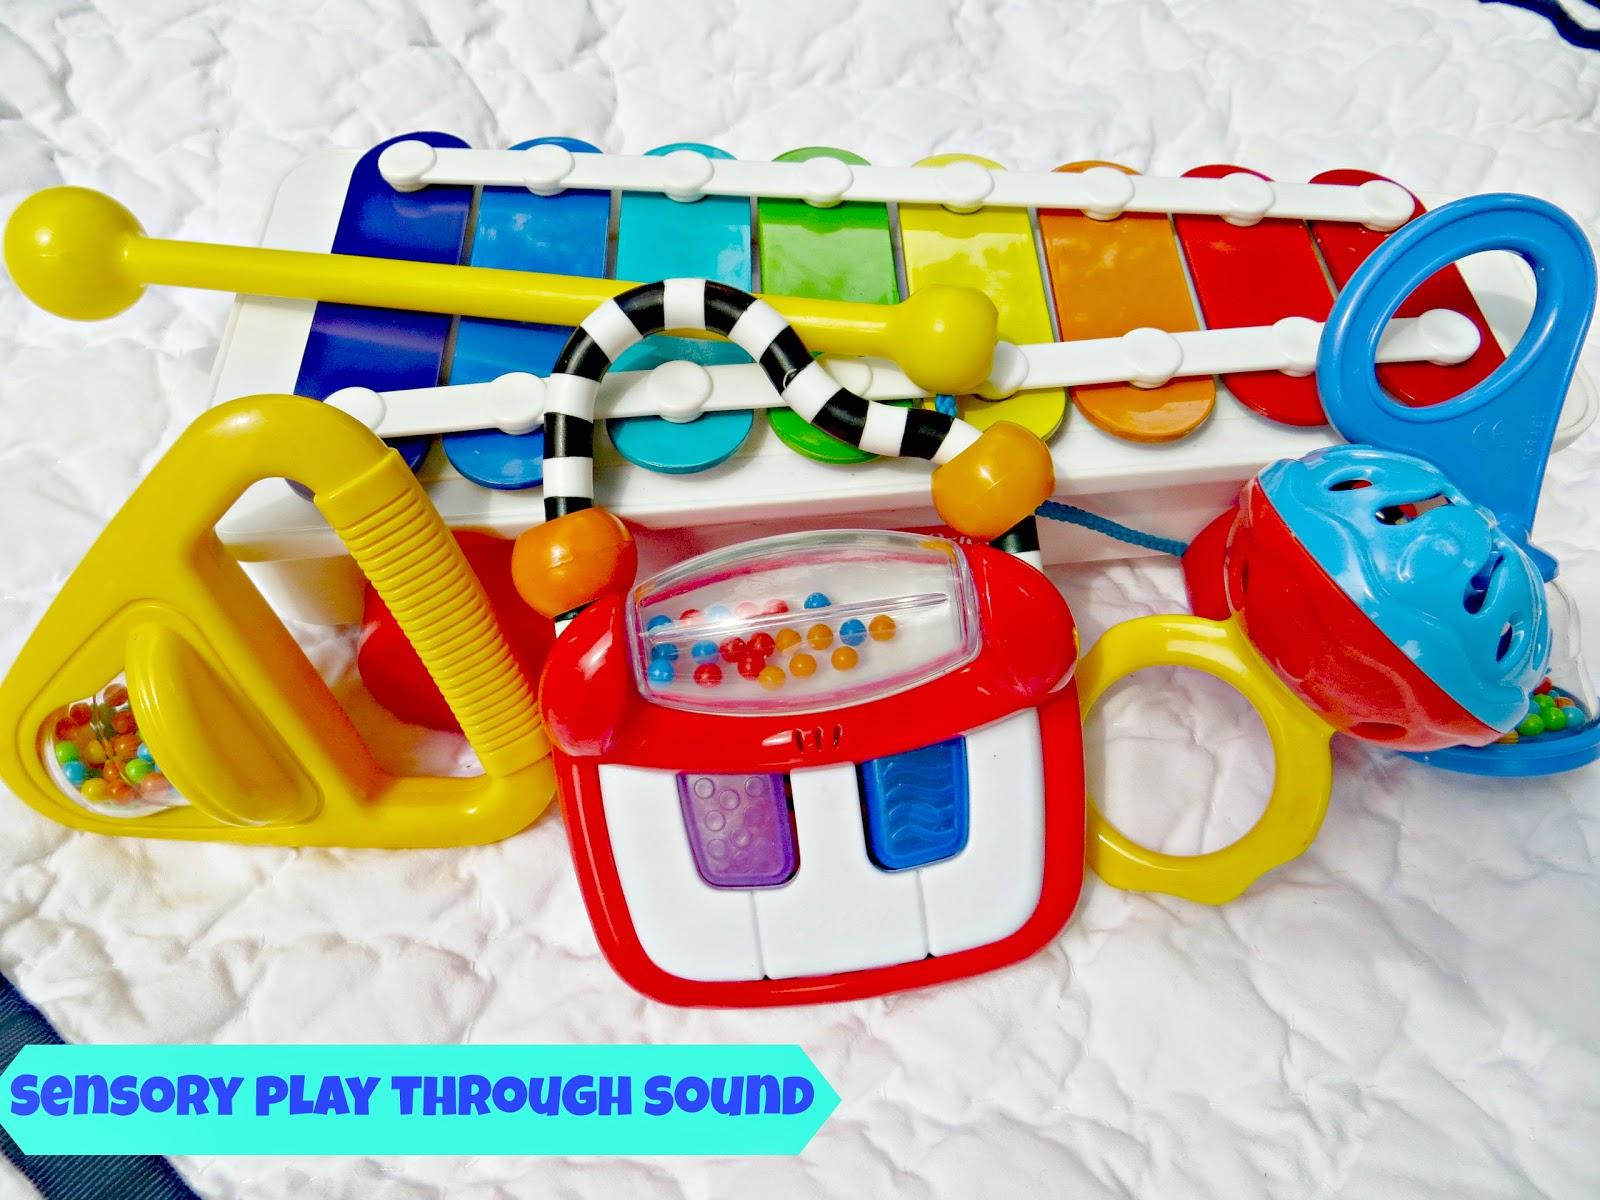 Sensory Play Through Sound